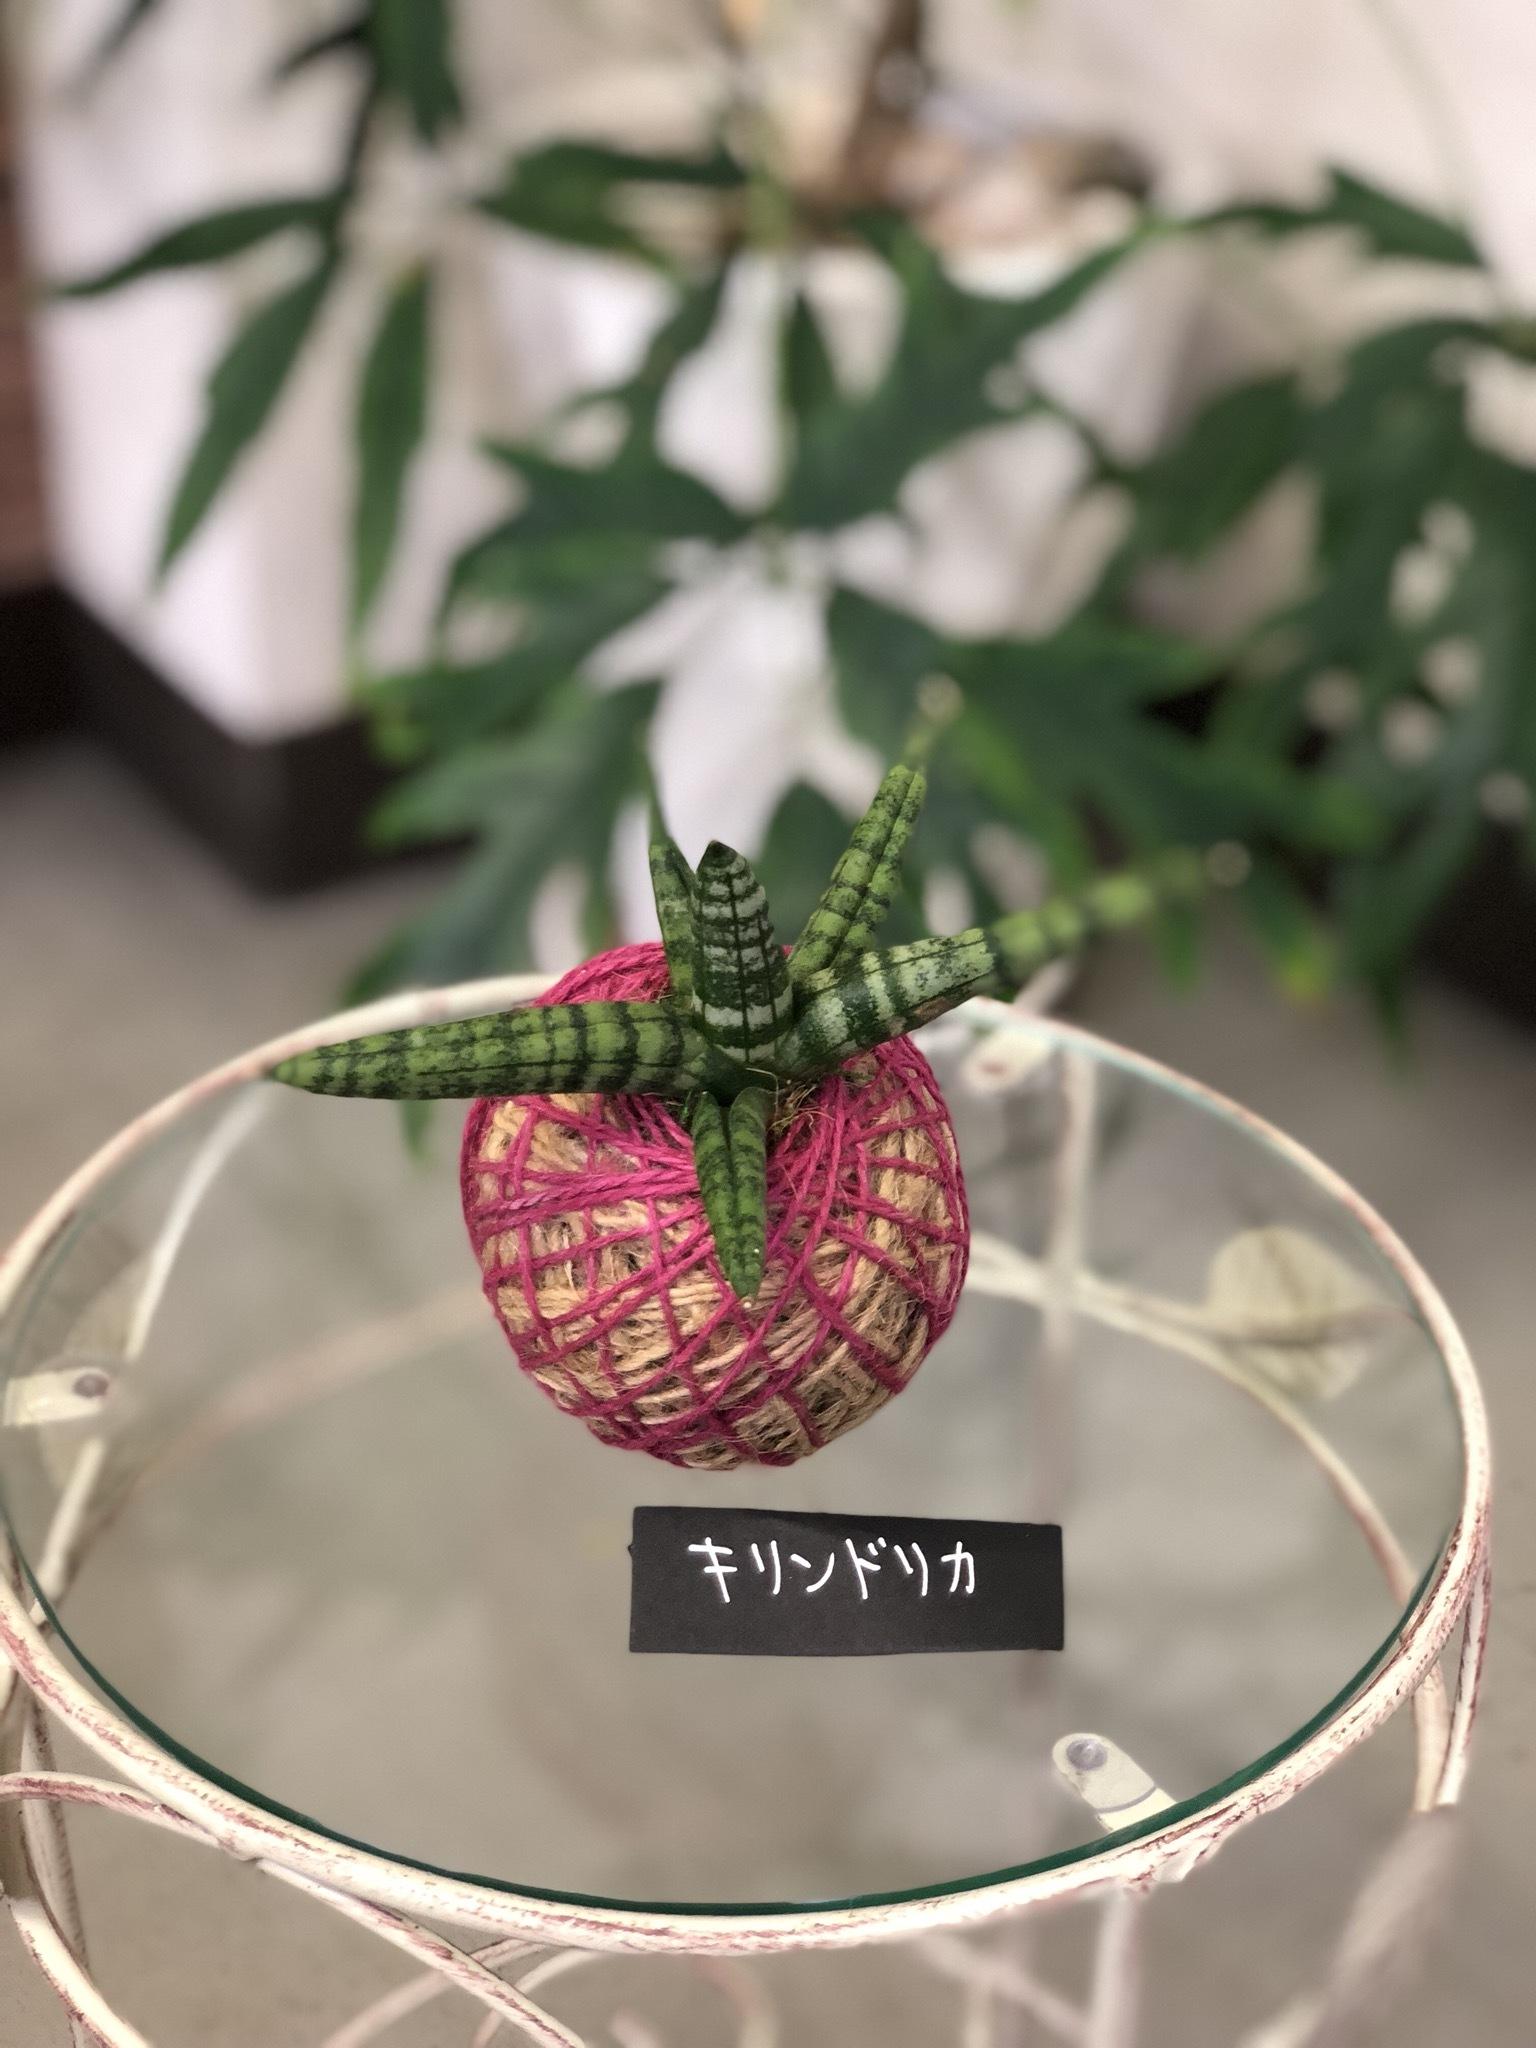 サンセベリア・プレミアム -苔玉 - made by Heartflower